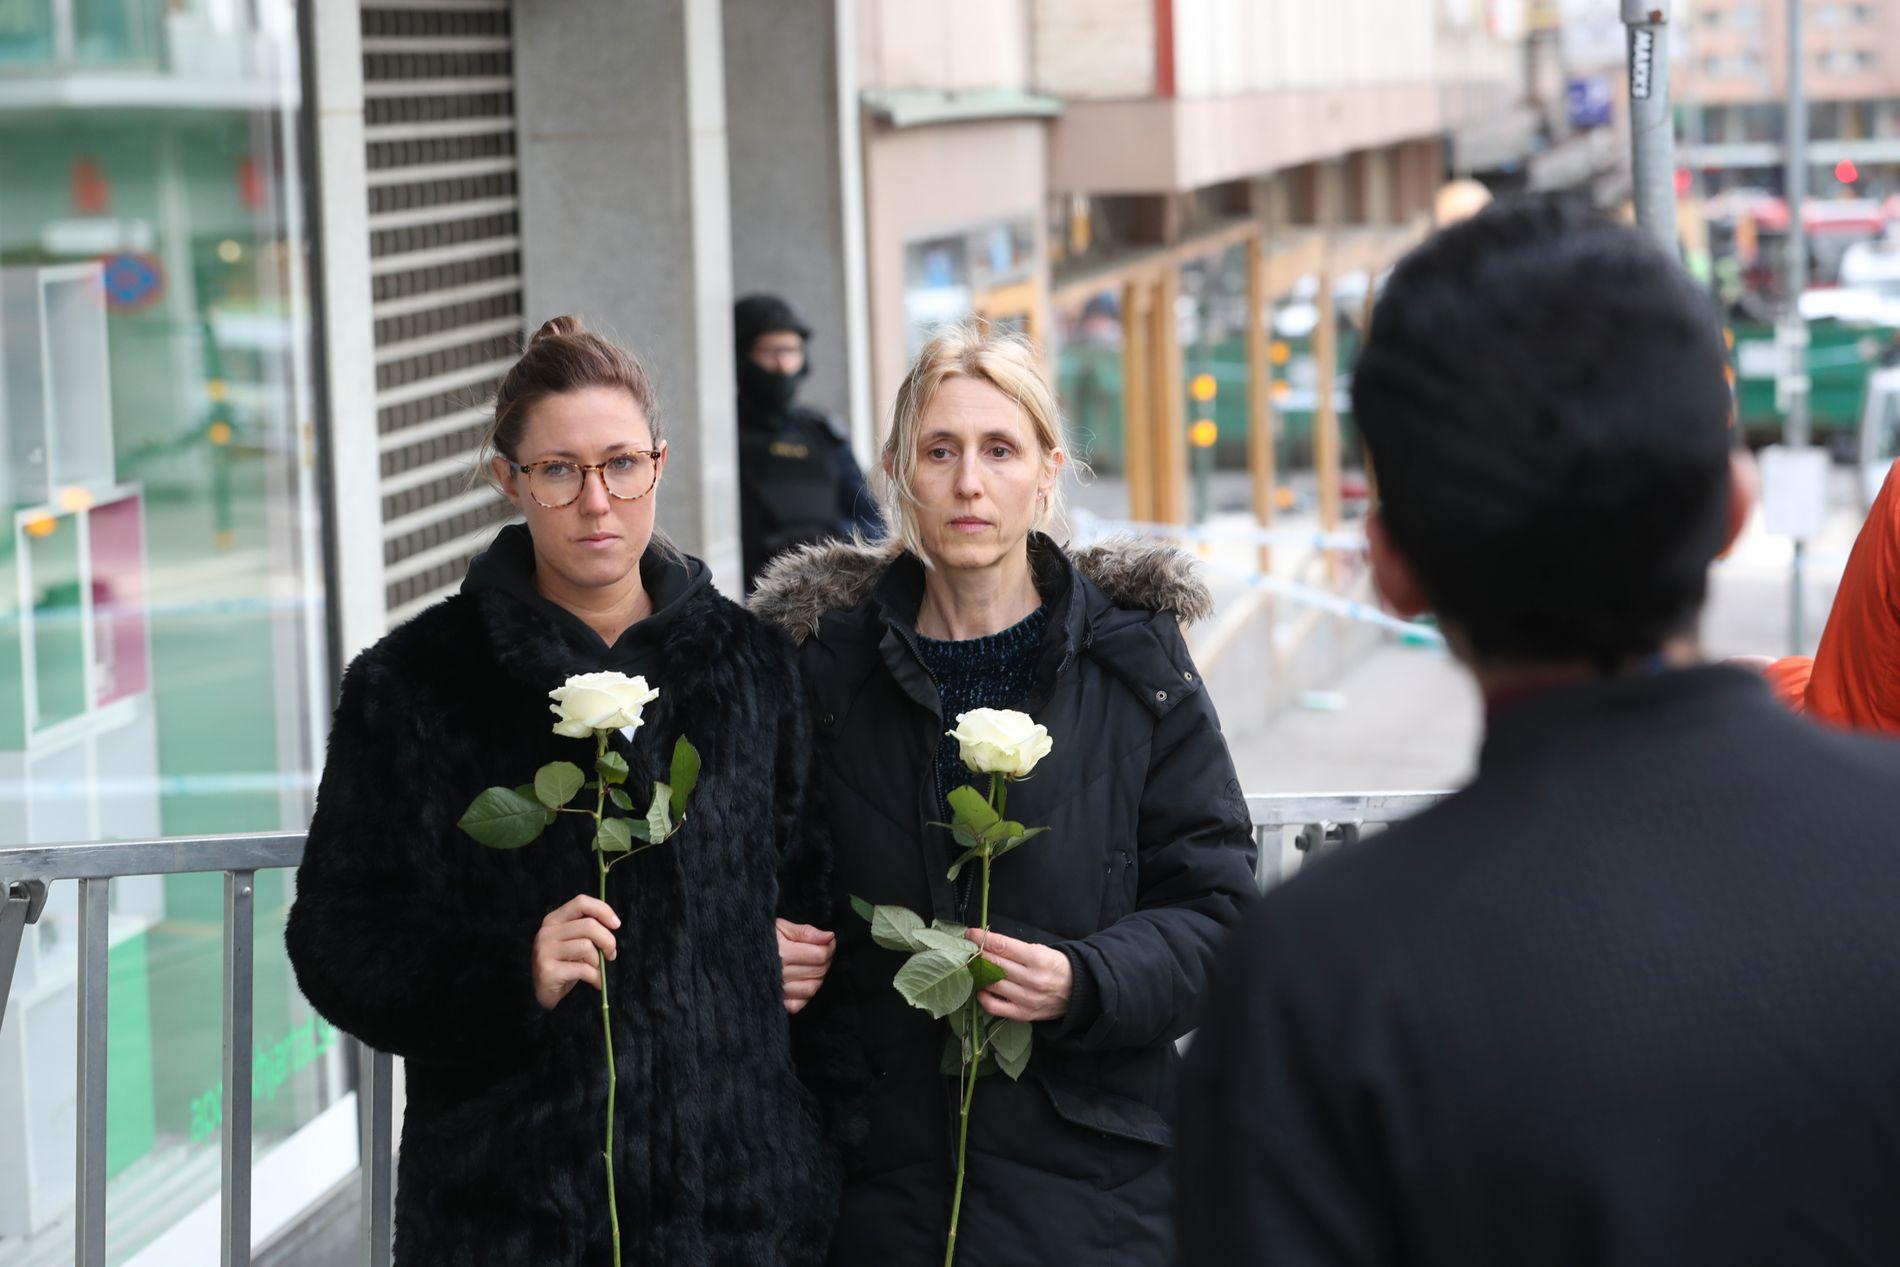 TRISTE: Maria og Emmelie Block har kjøpt med seg hver sin hvite rose som de skal legge på åstedet for terrorangrepet, hvor fire mistet livet og femten ble skadd. Foto: HALLGEIR VÅGENES